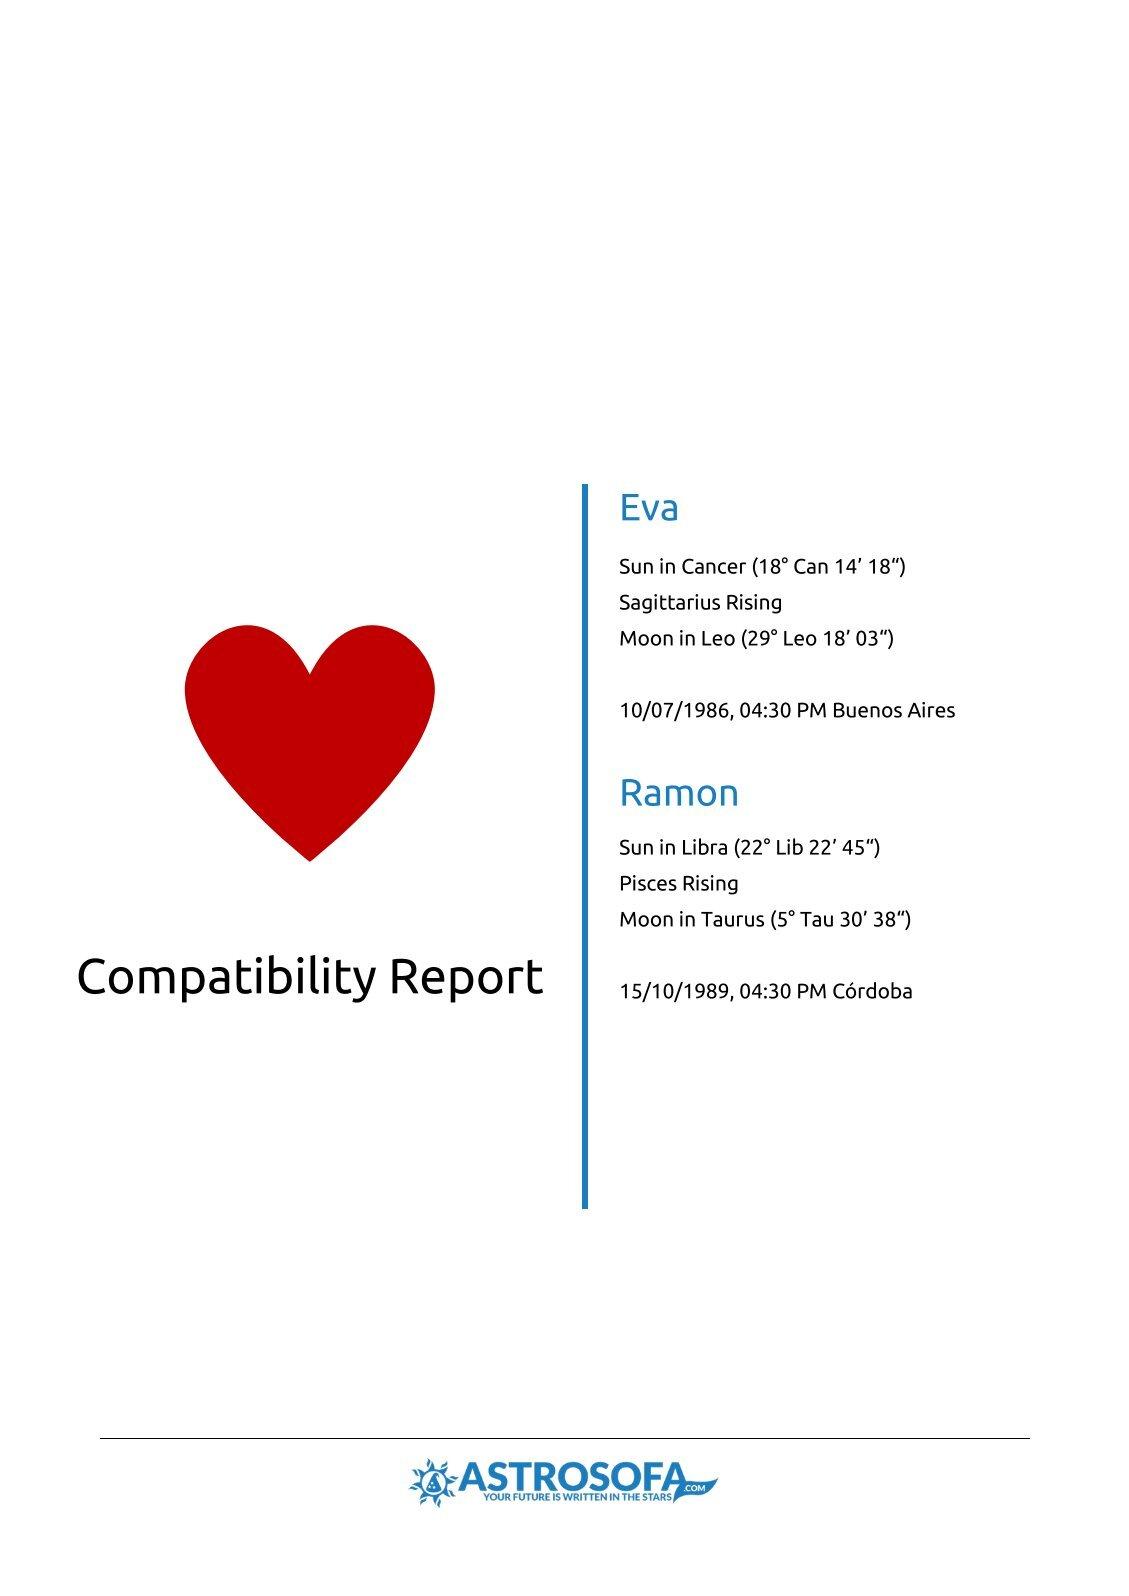 Compatibility Report Eva and Ramon